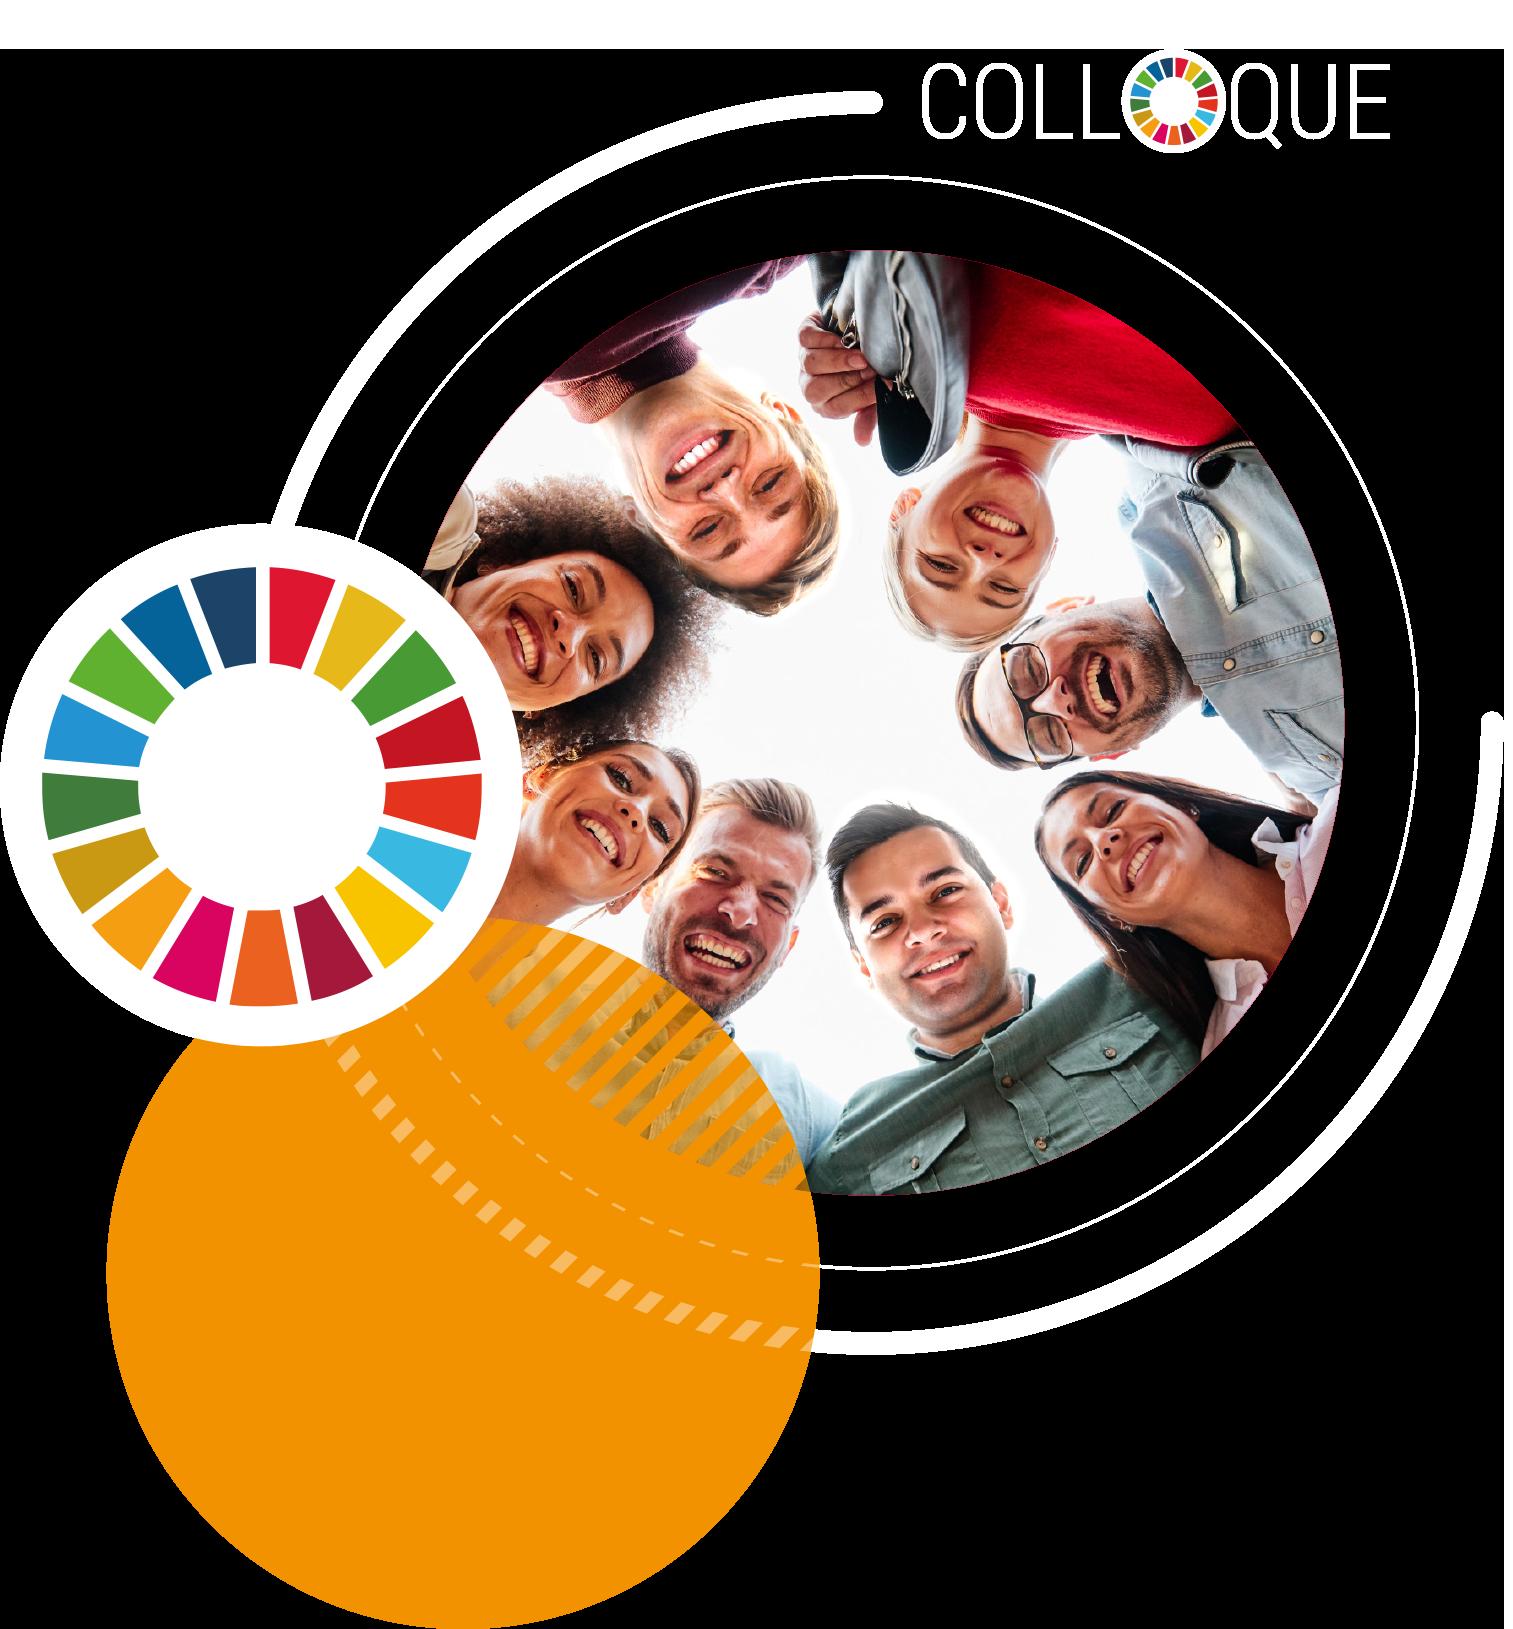 Colloque Recherche Innovation Responsables